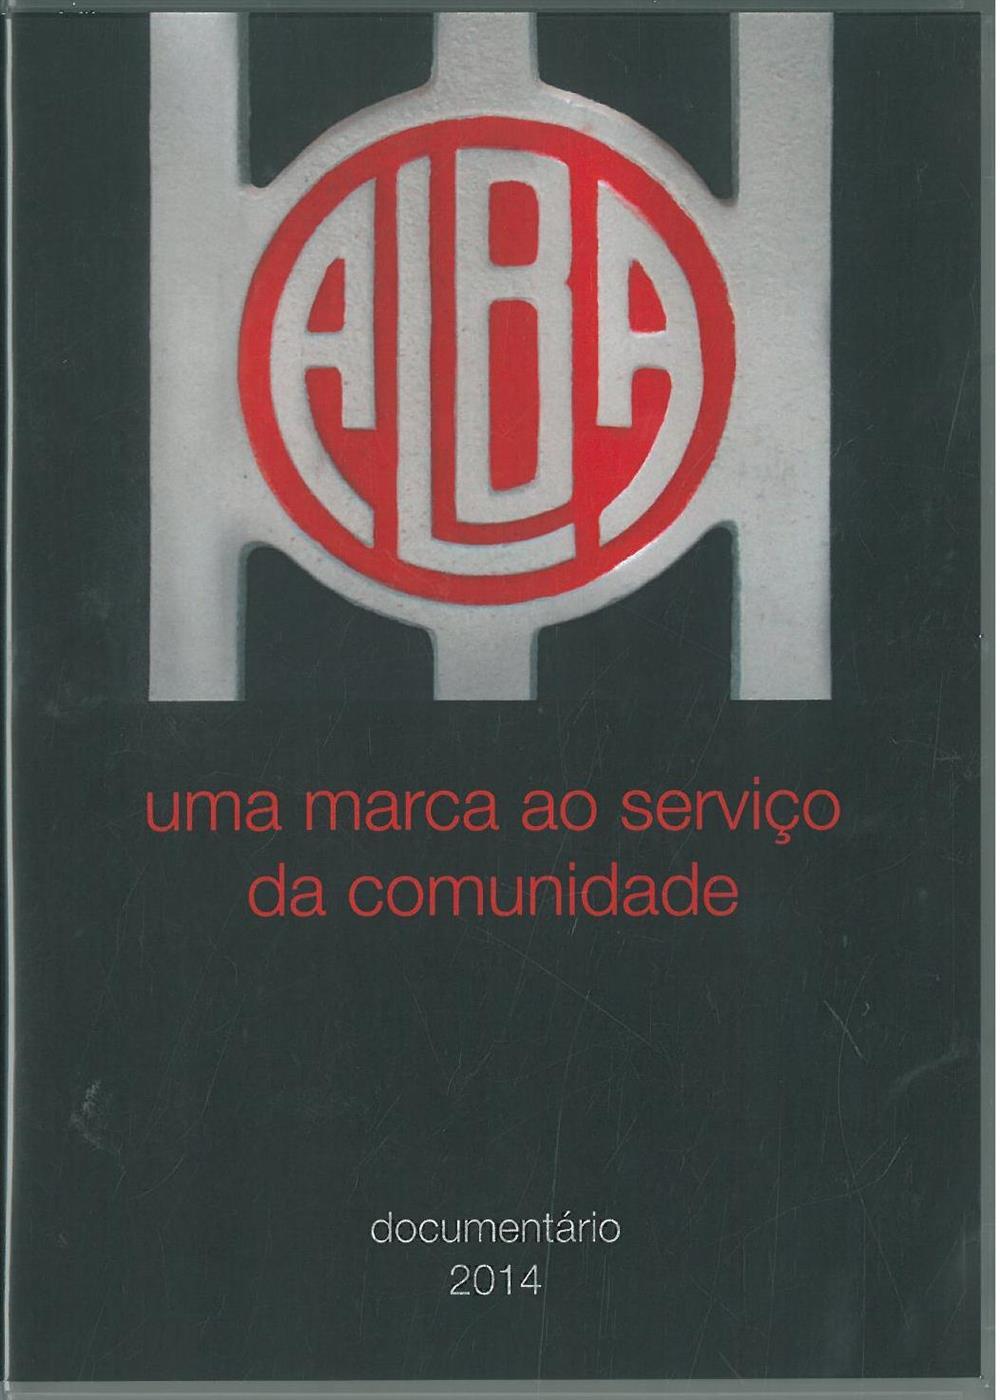 Alba, uma marca ao serviço da comunidade_DVD.jpg